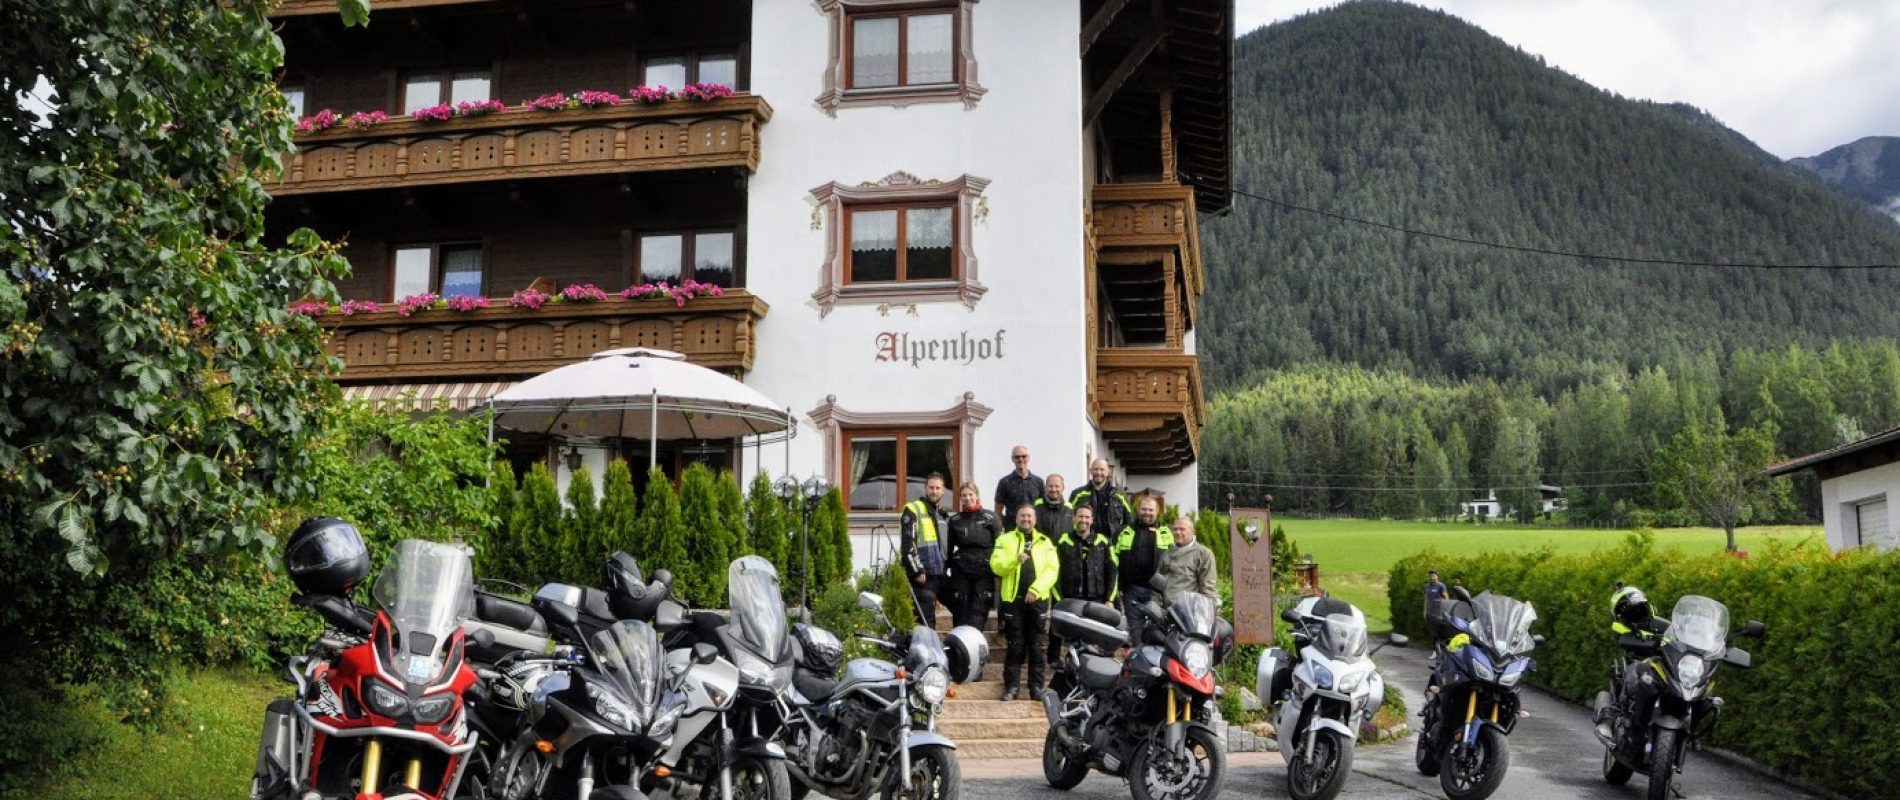 Motorrad tour